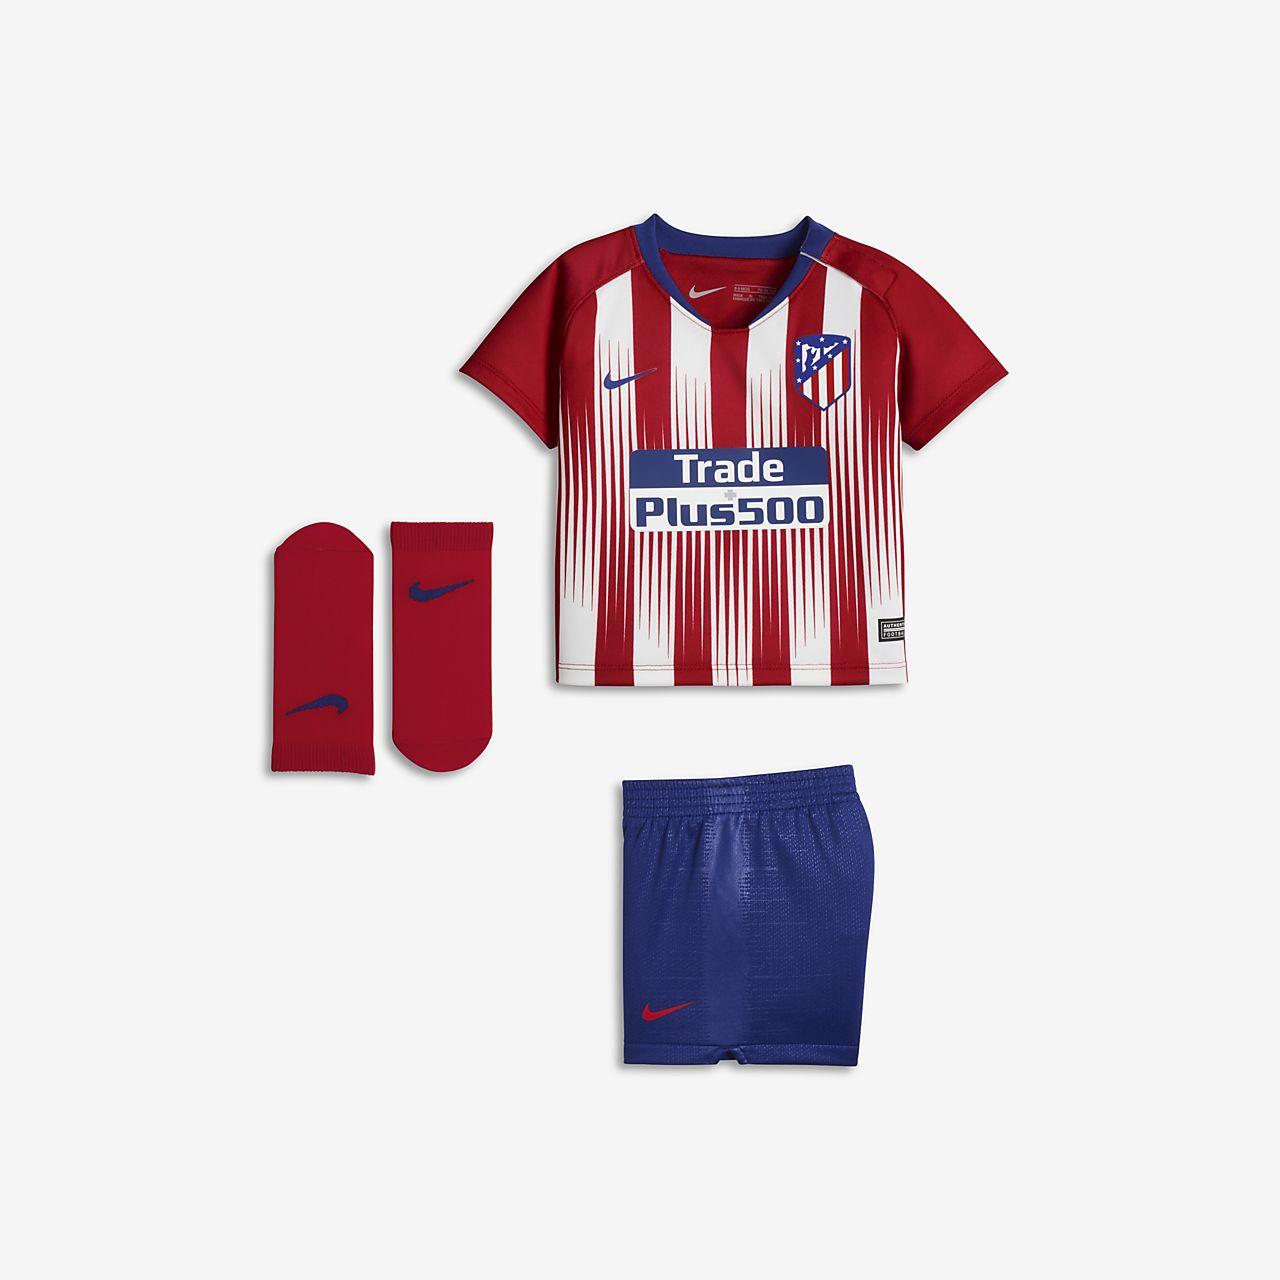 524c443c667ca ... 2018 19 Atlético de Madrid Stadium Home Equipación de fútbol - Bebé e  infantil